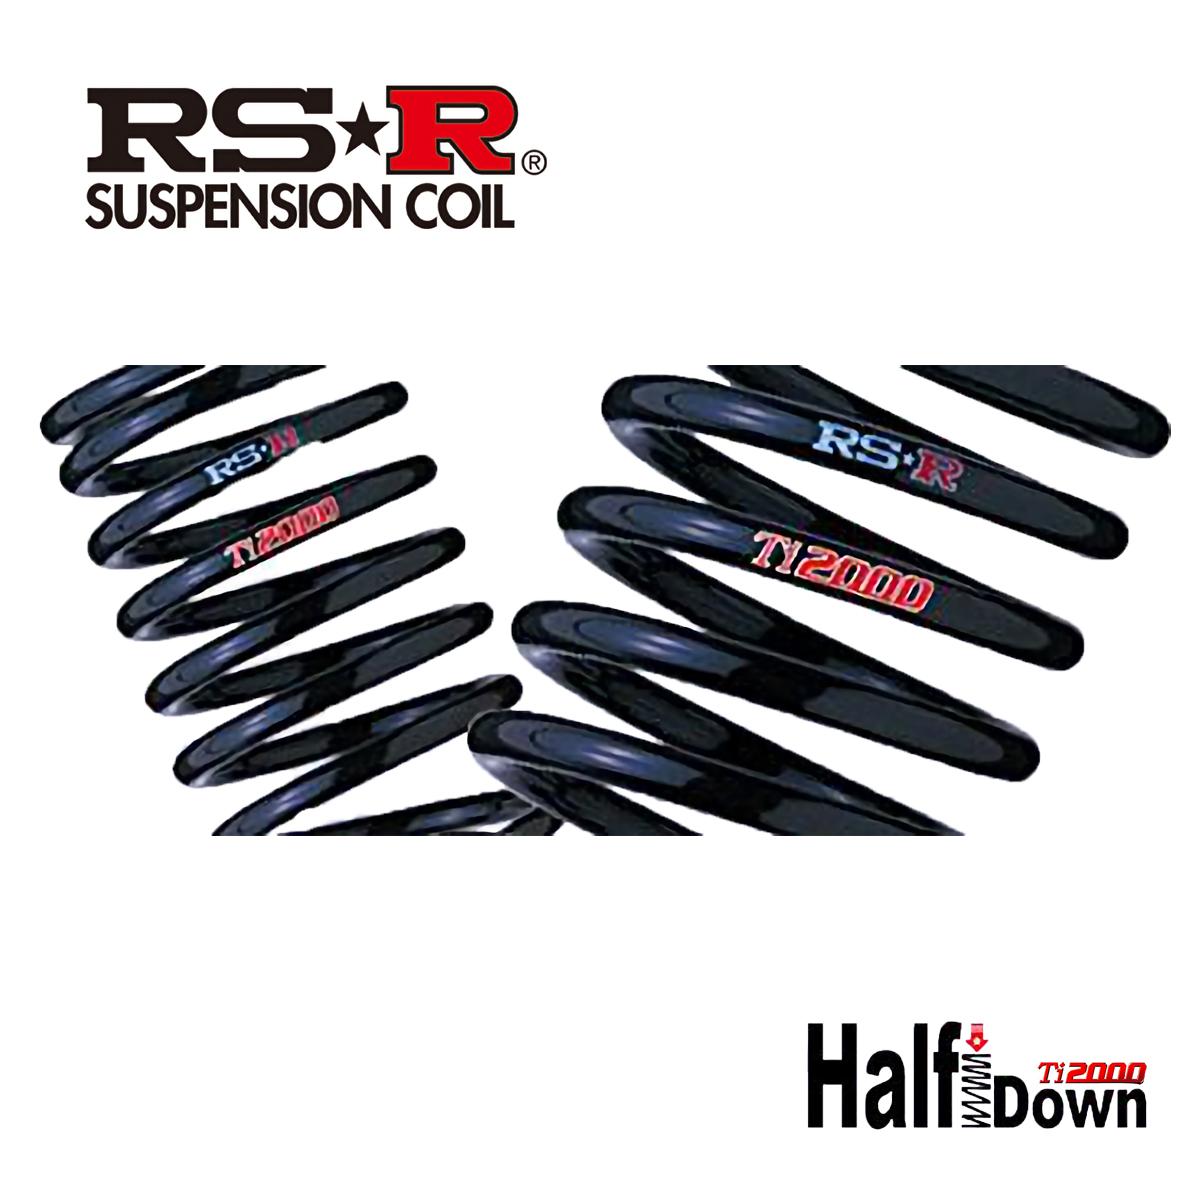 休み RS R RSR Ti2000 DOWN ロードスター ND5RC サスペンション関連 RS-R M030TDF フロントのみ 個人宅発送追金有 ダウン 激安 激安特価 送料無料 ダウンサス Sレザーパッケージ スプリング